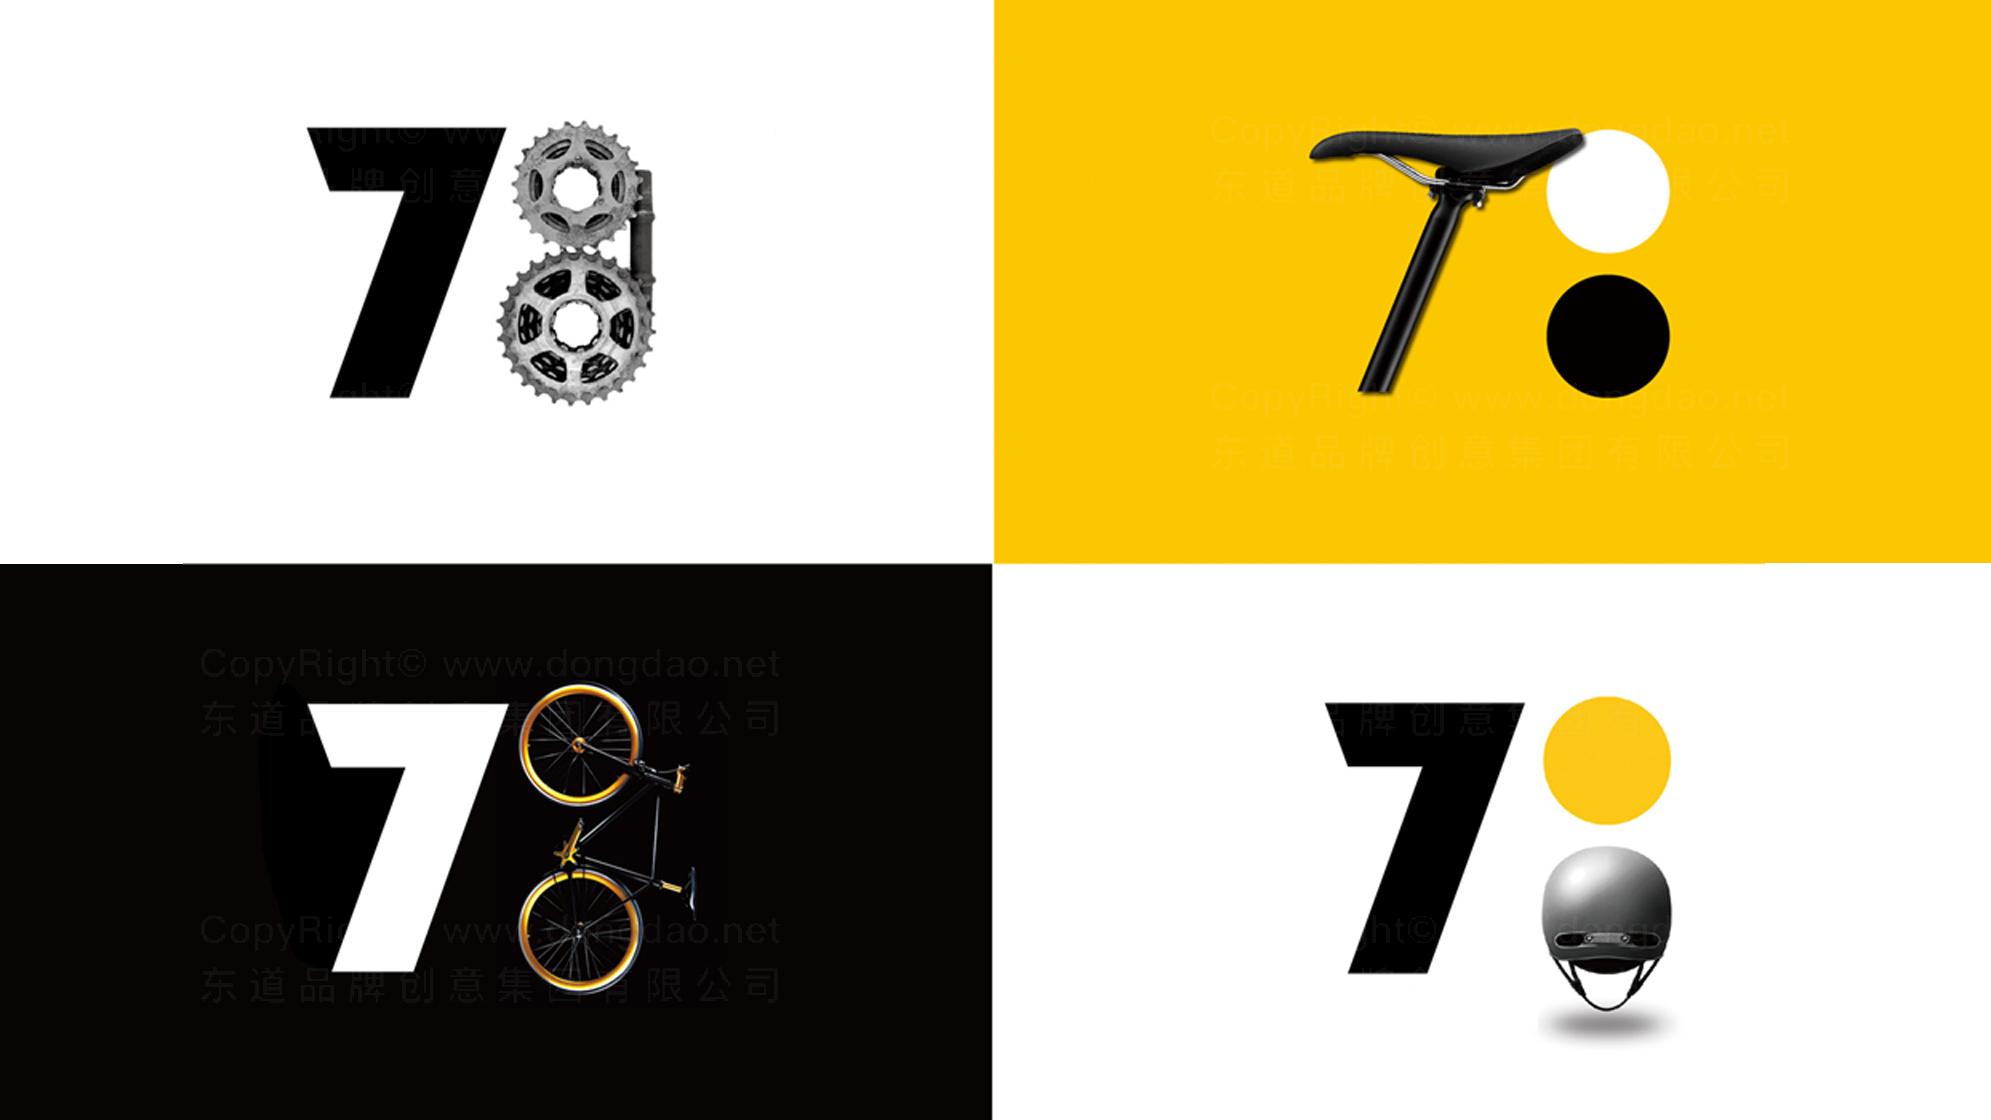 品牌设计700bike logo设计、vi设计应用场景